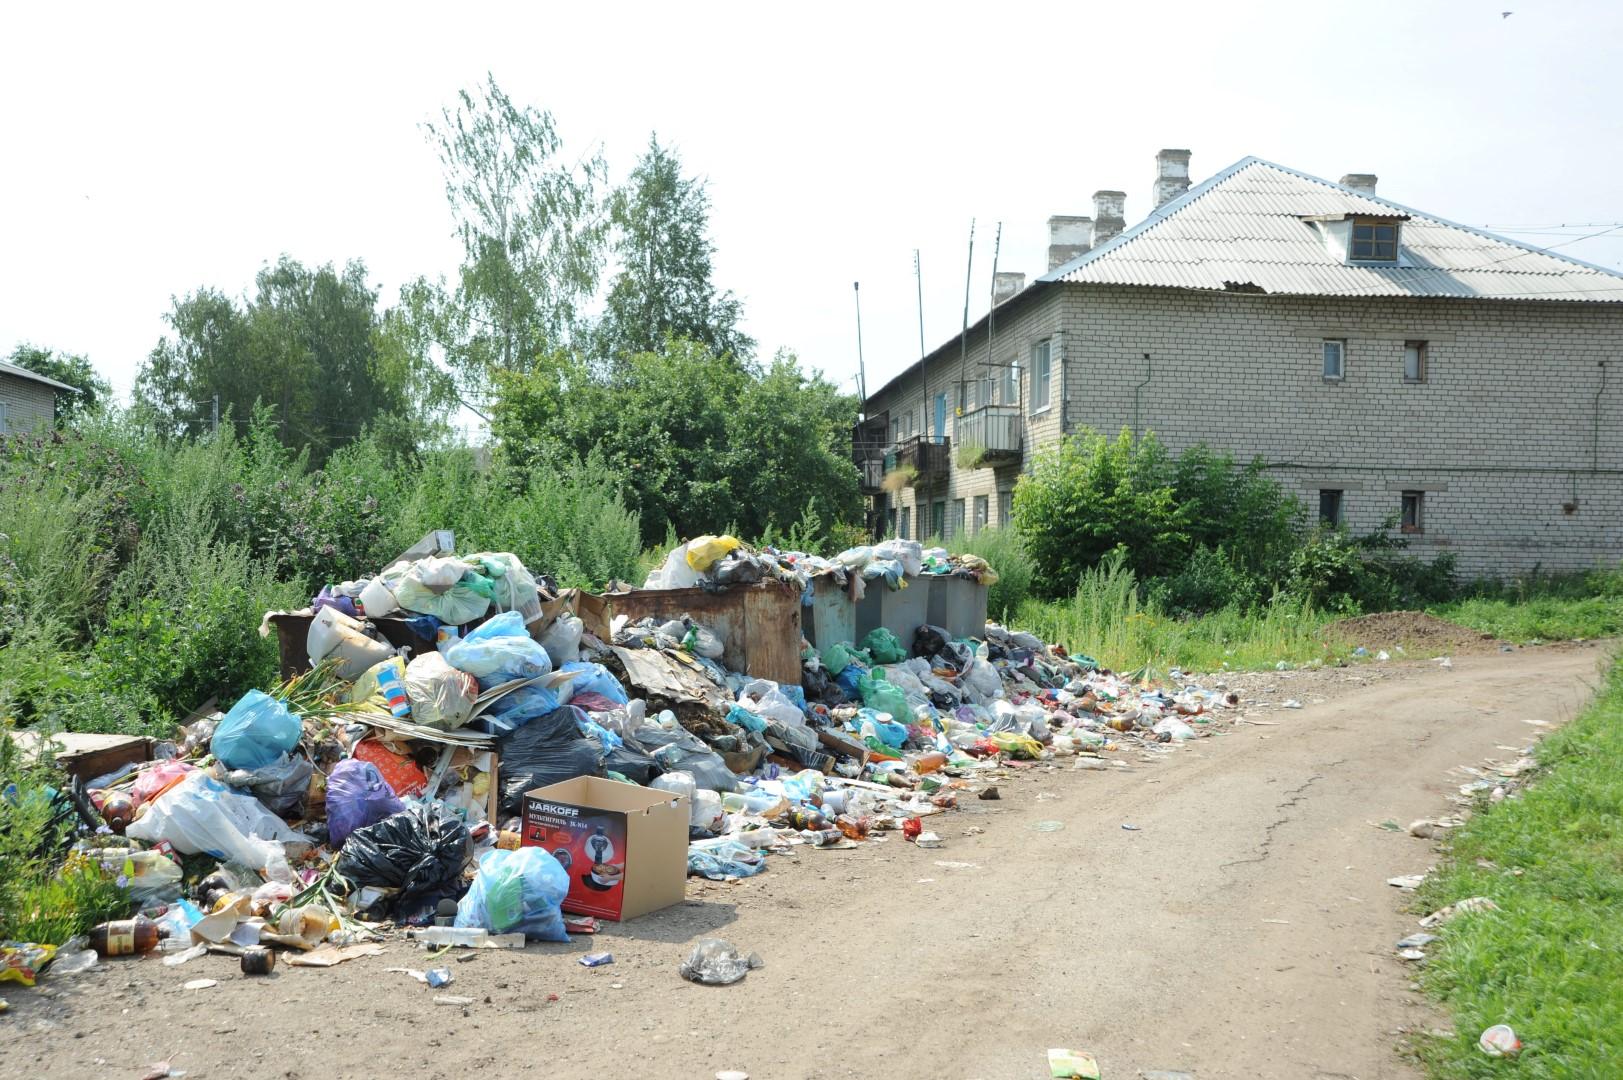 Единый оператор по мусору начнет работу в области раньше из-за мусорного коллапса в Ростовском районе